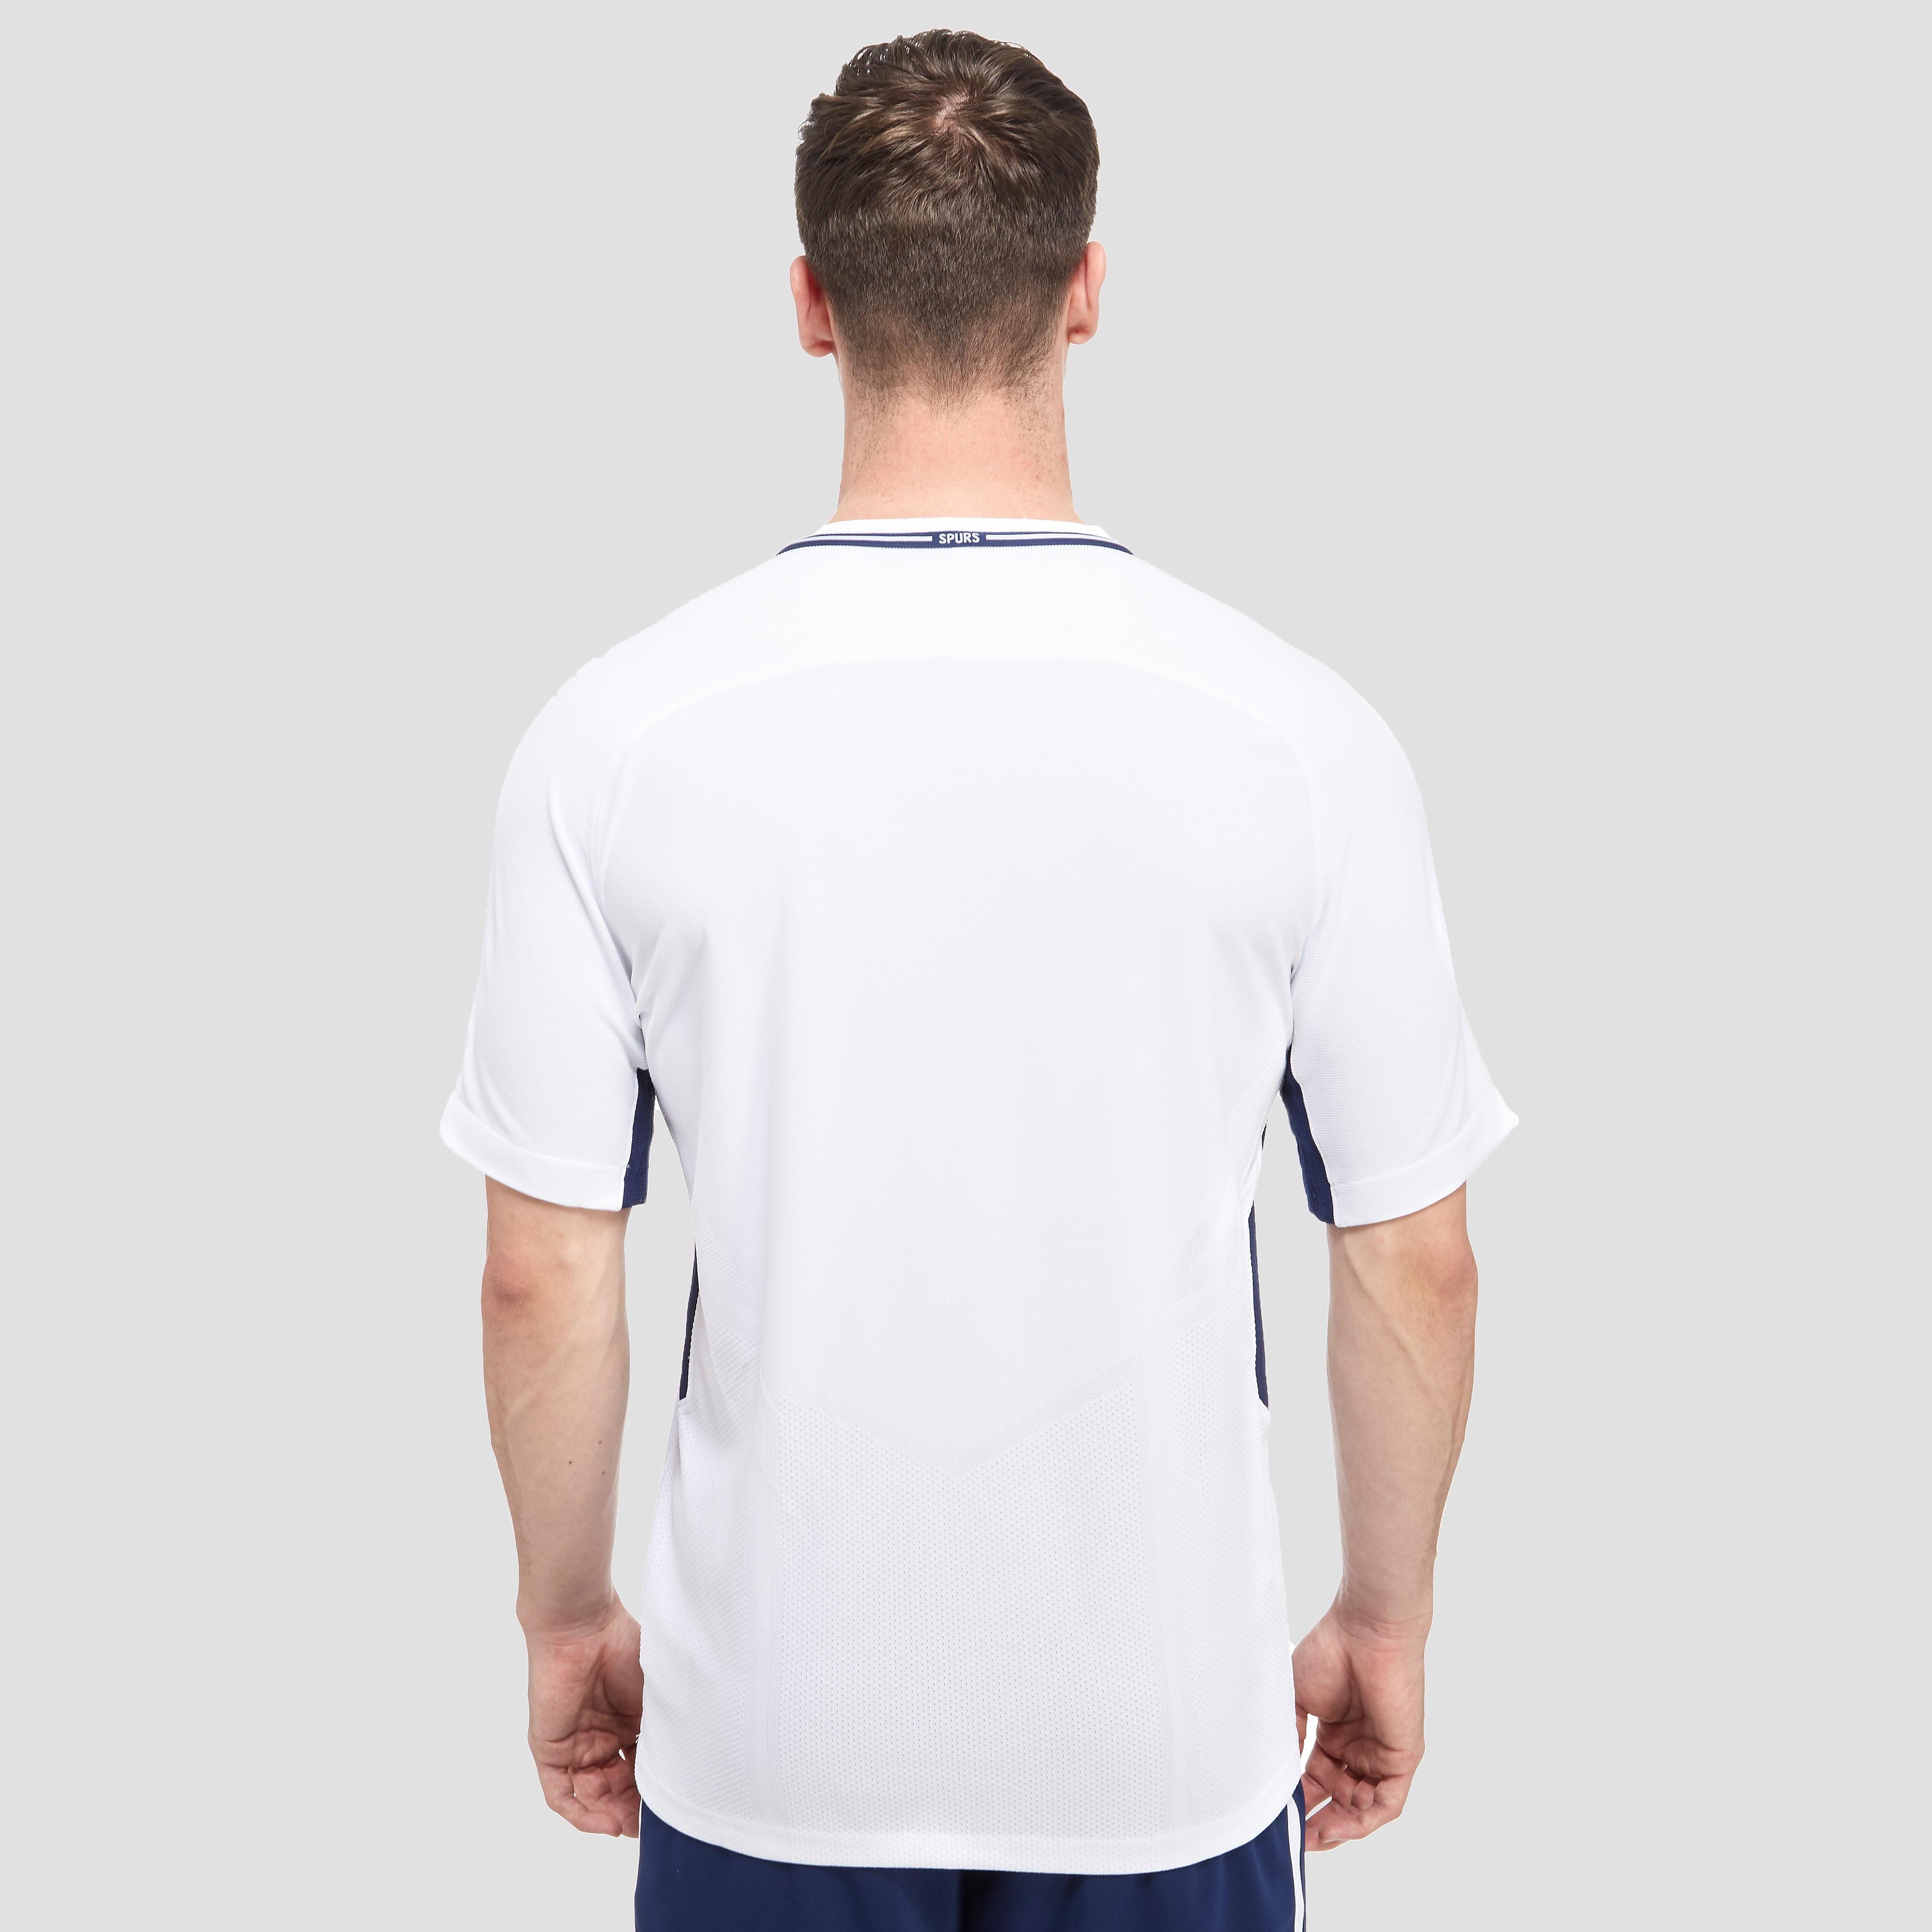 Nike Tottenham Hotspur 2017/18 Home Match Shirt